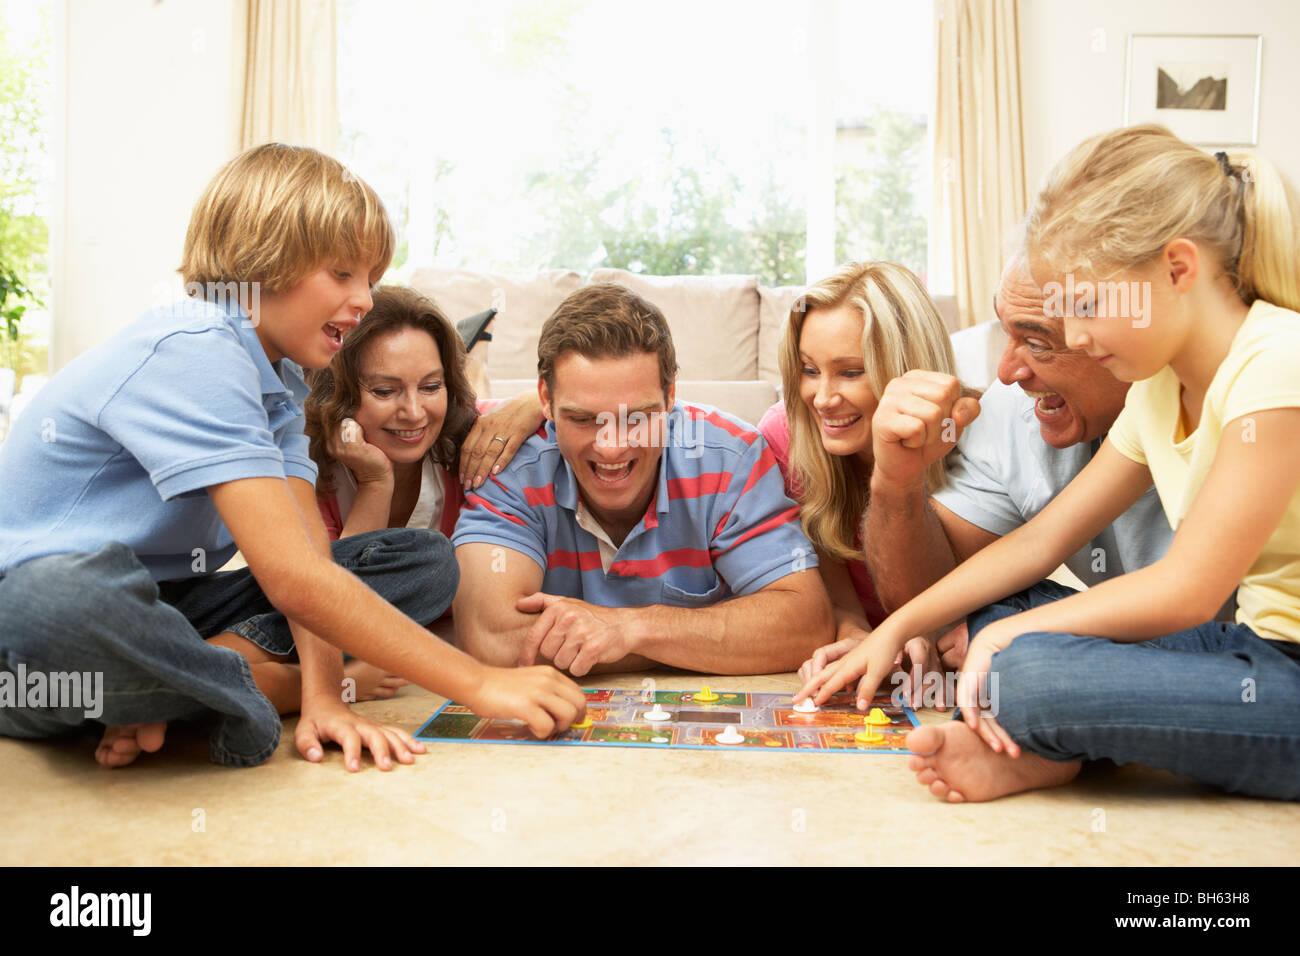 Familia Tablero De Juego Juego En Casa Con Los Abuelos Viendo Foto